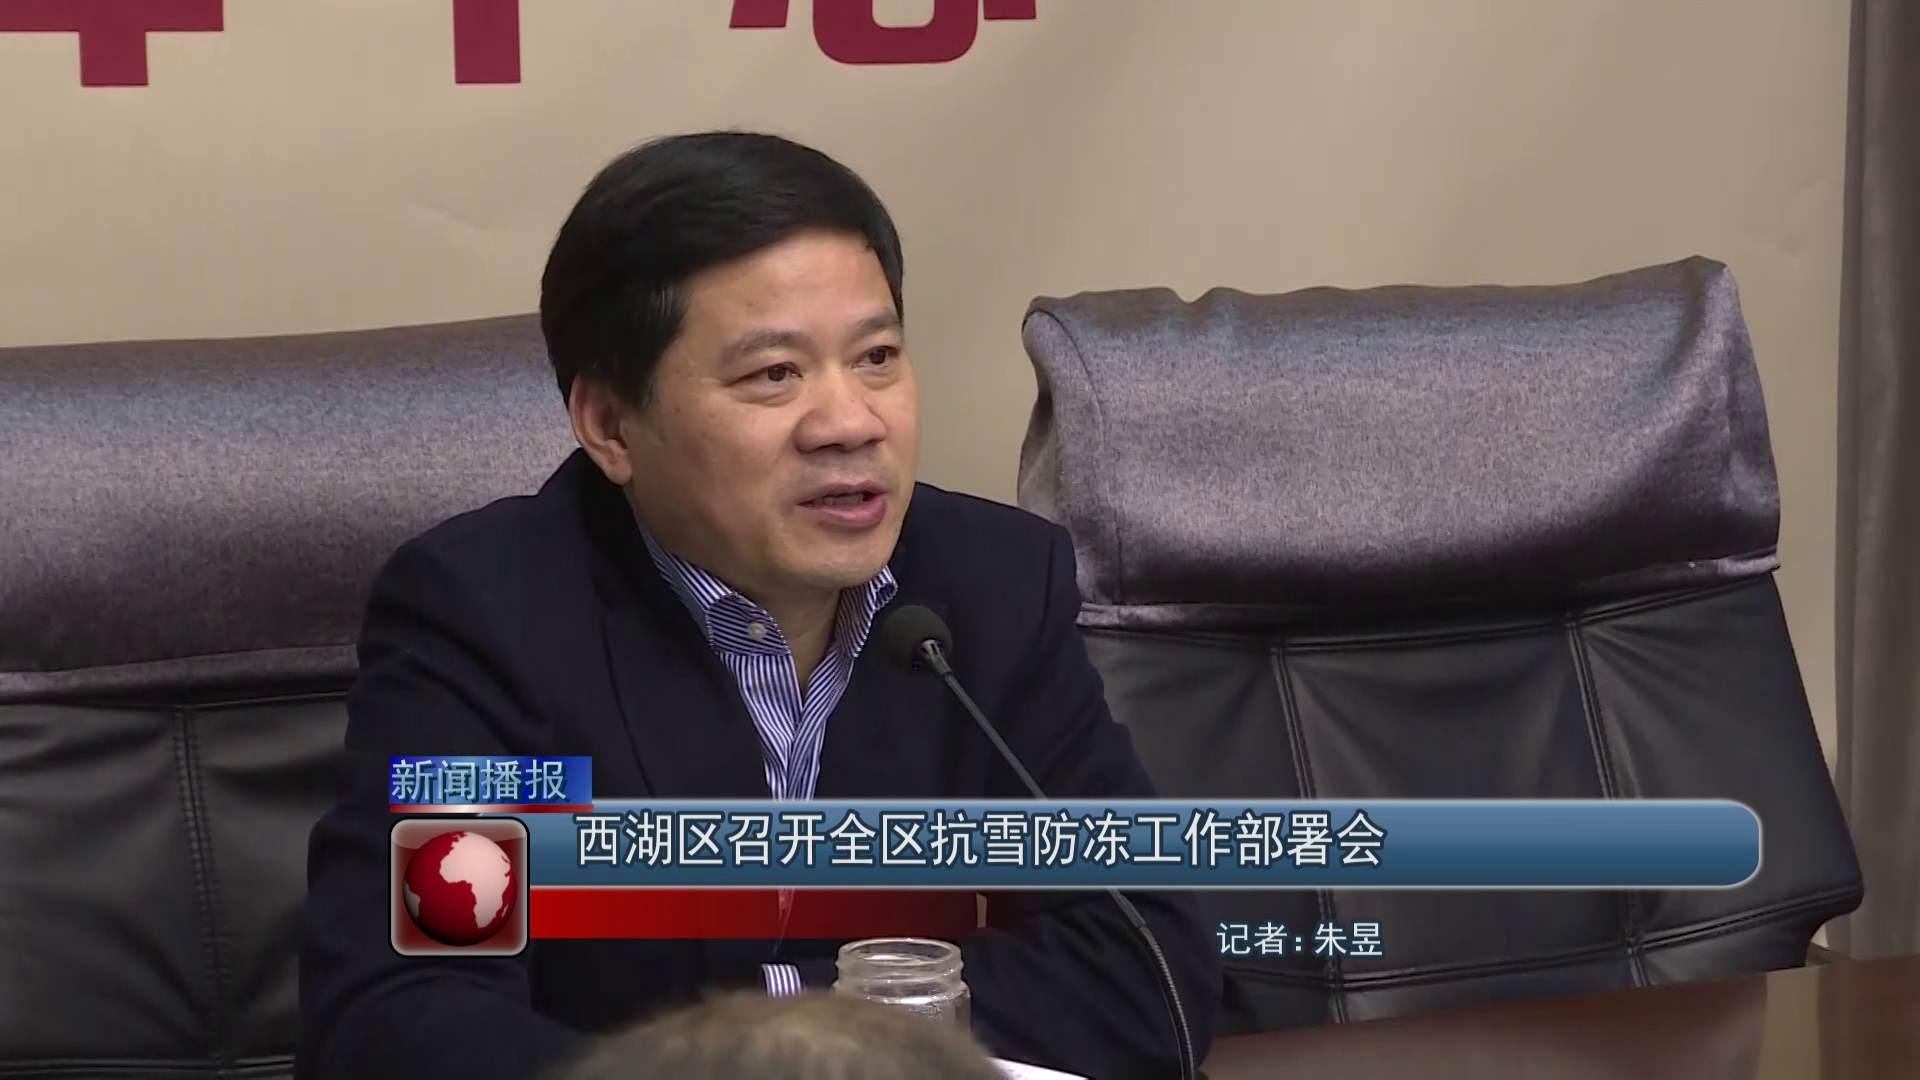 20180130(视频)西湖区召开抗雪防冻工作部署会